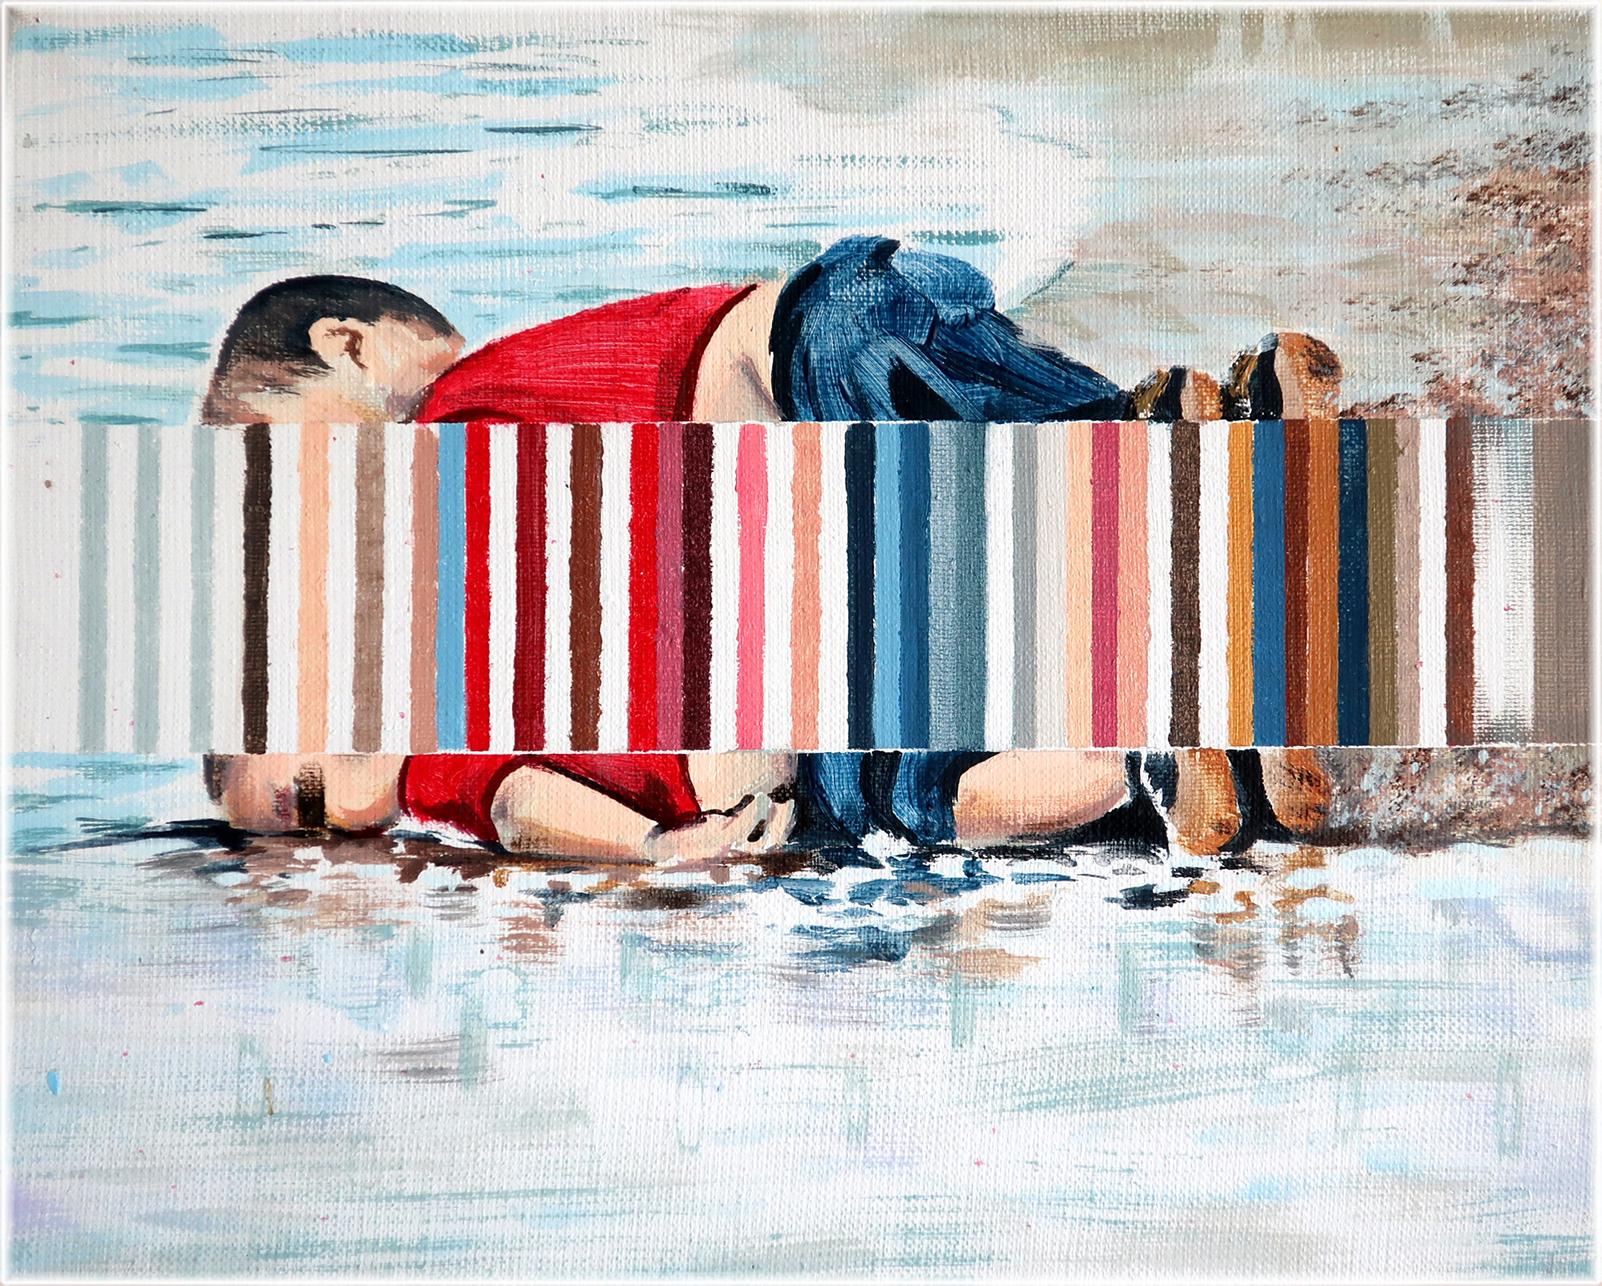 Buoy by Darren Coffield